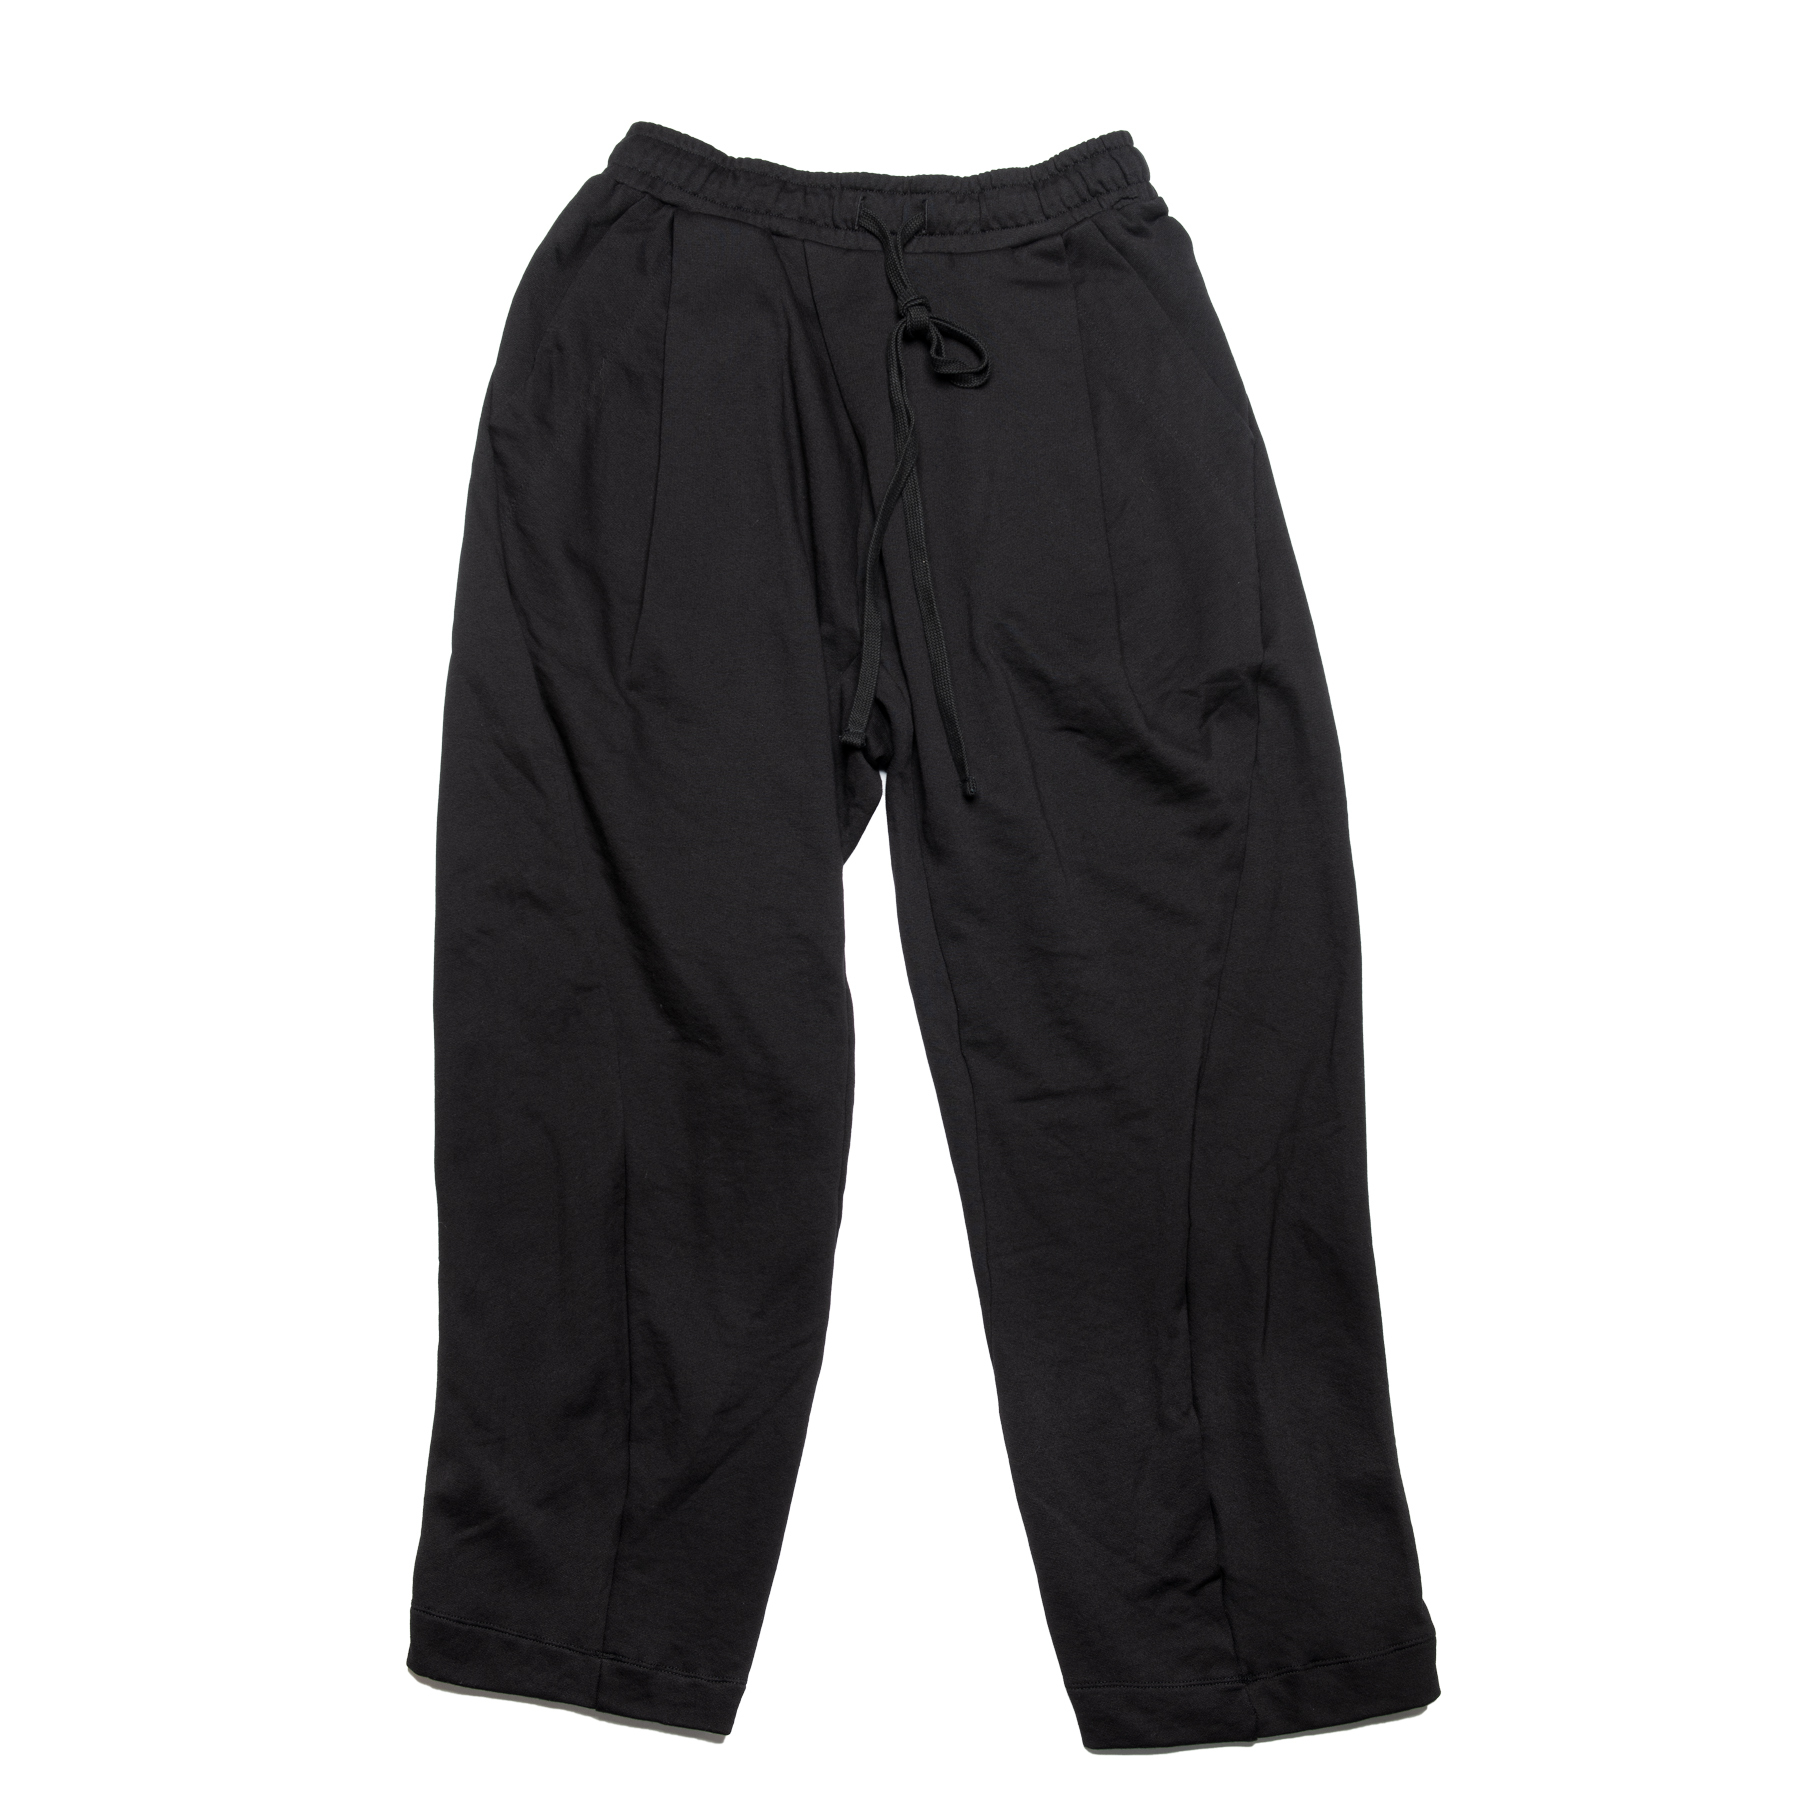 637PAM25-BLACK / イージー バギー パンツ